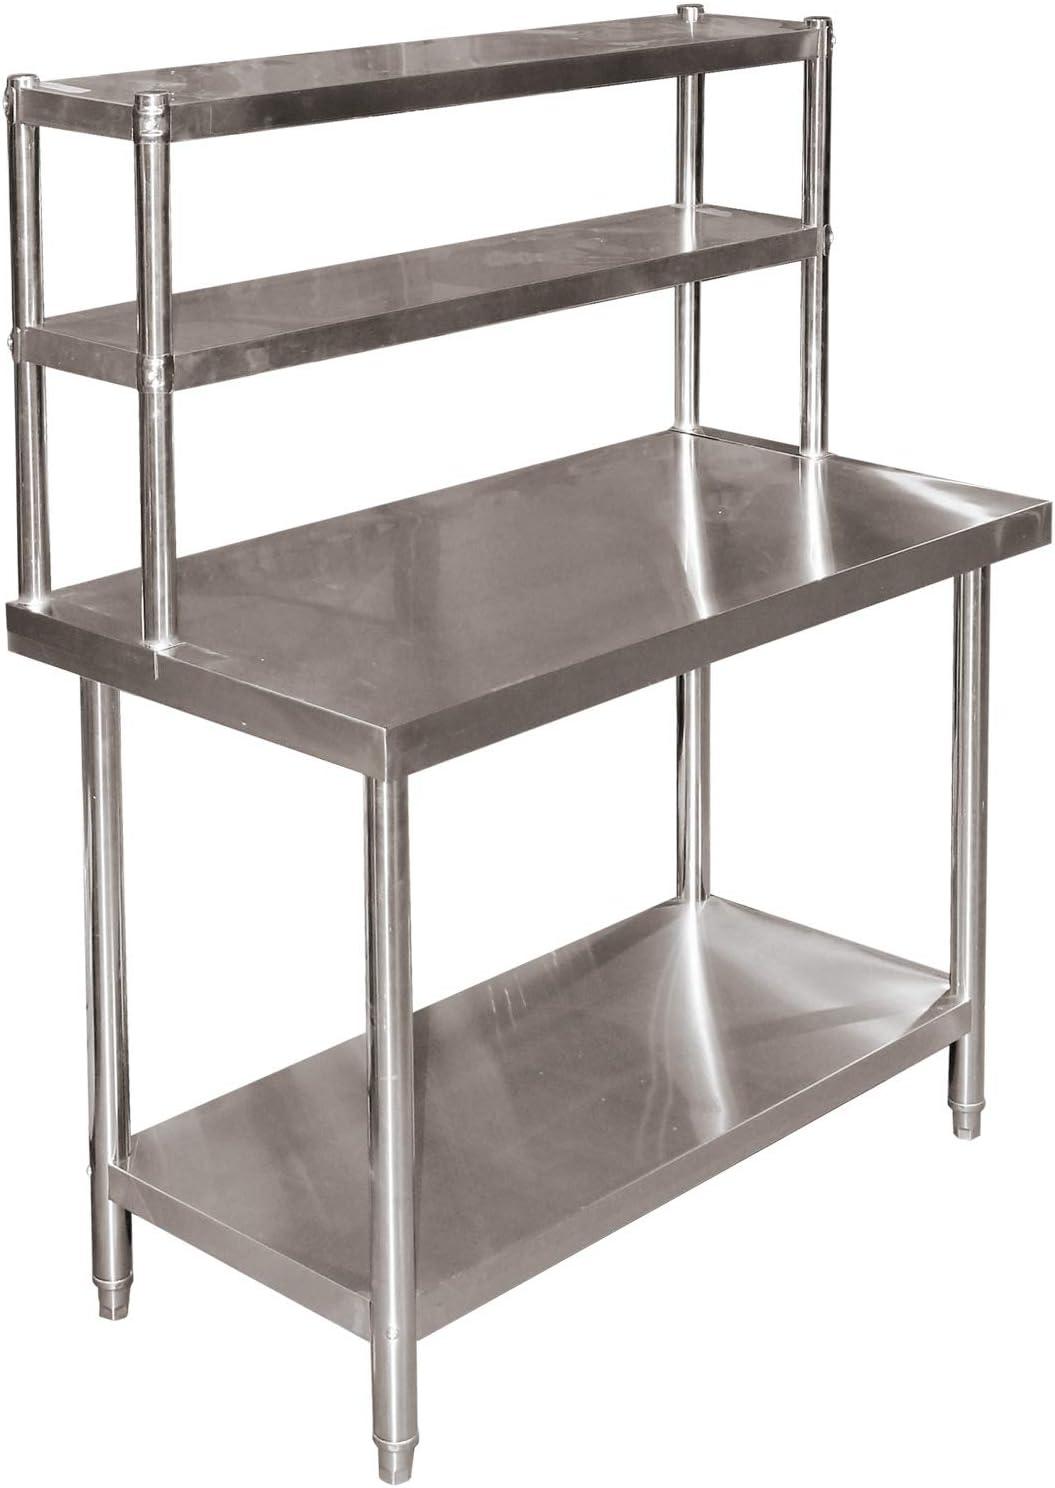 Mesa trabajo acero inoxidable 120x60x85cm estantería 2 niveles ...